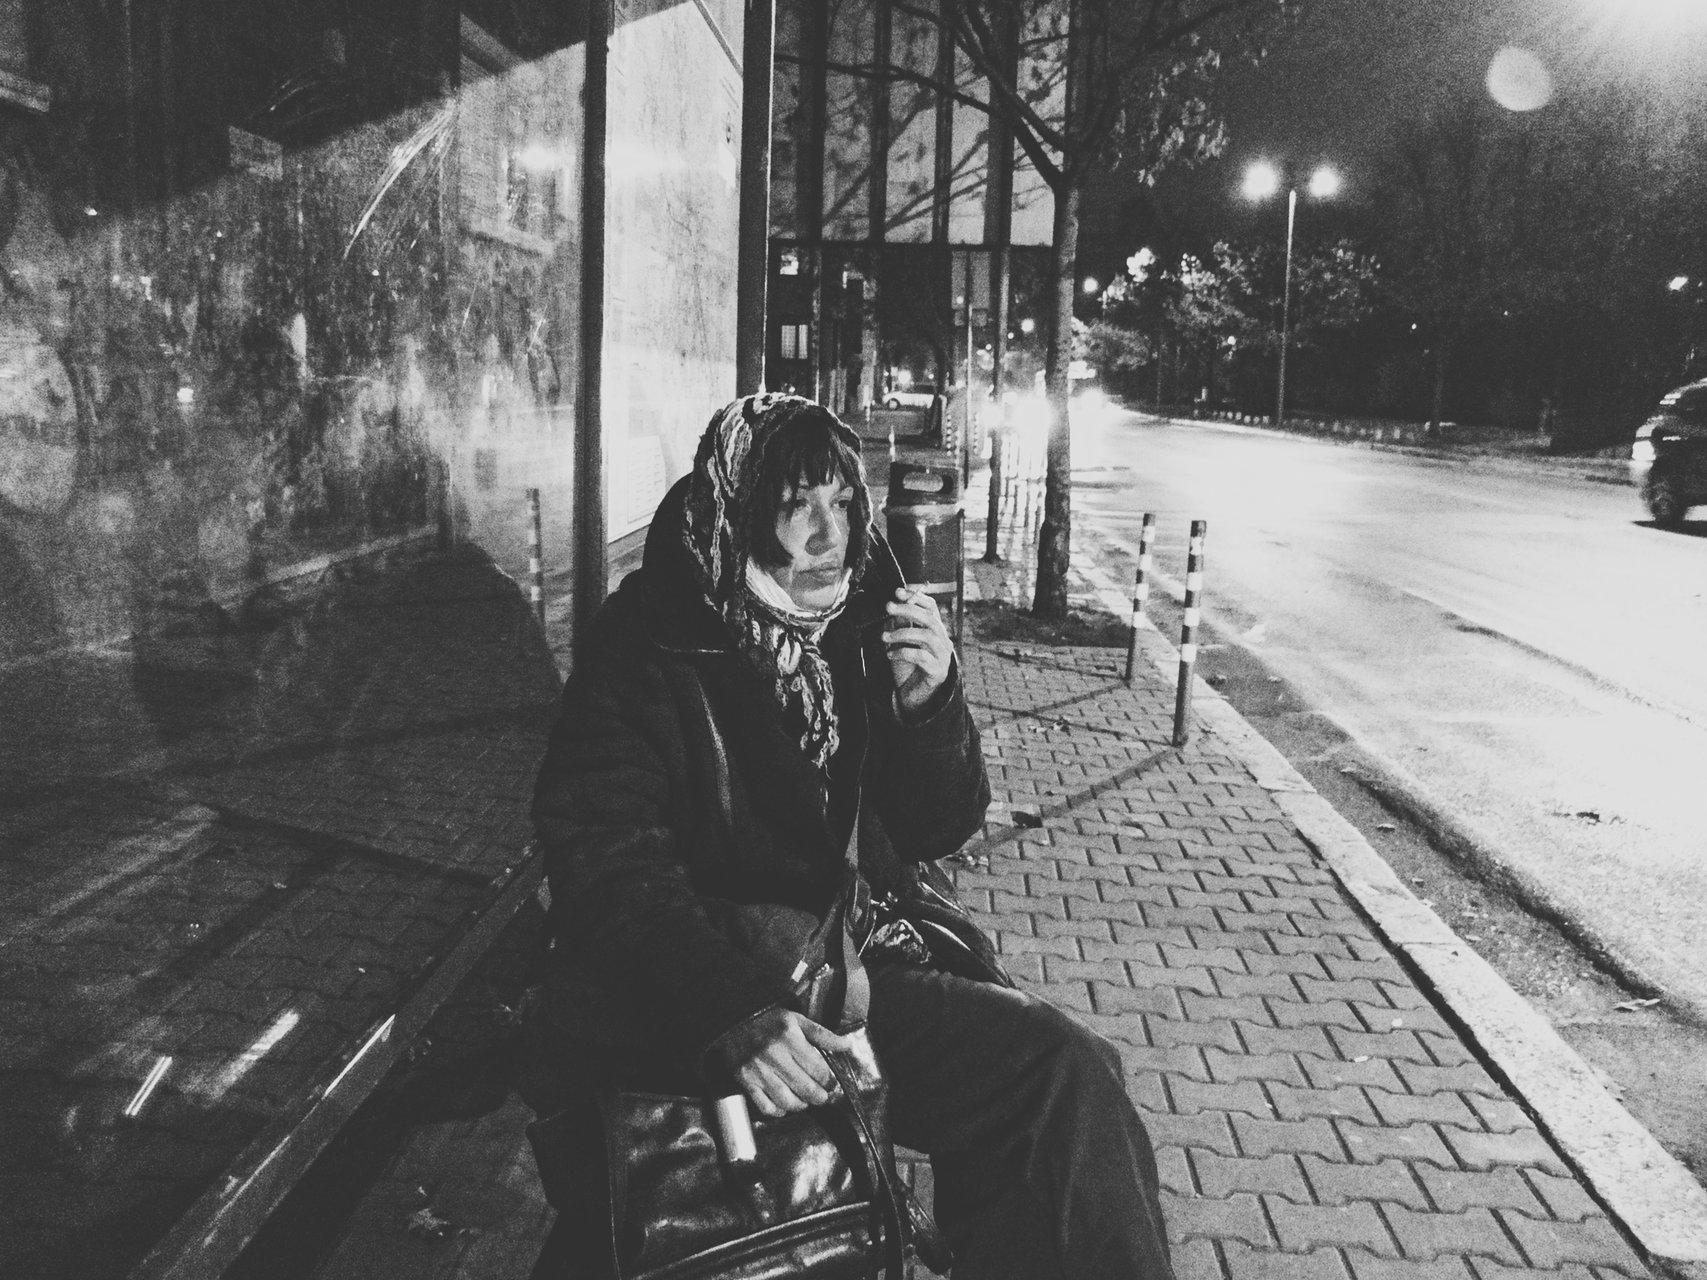 Една цигара време | Author dream_catcher | PHOTO FORUM